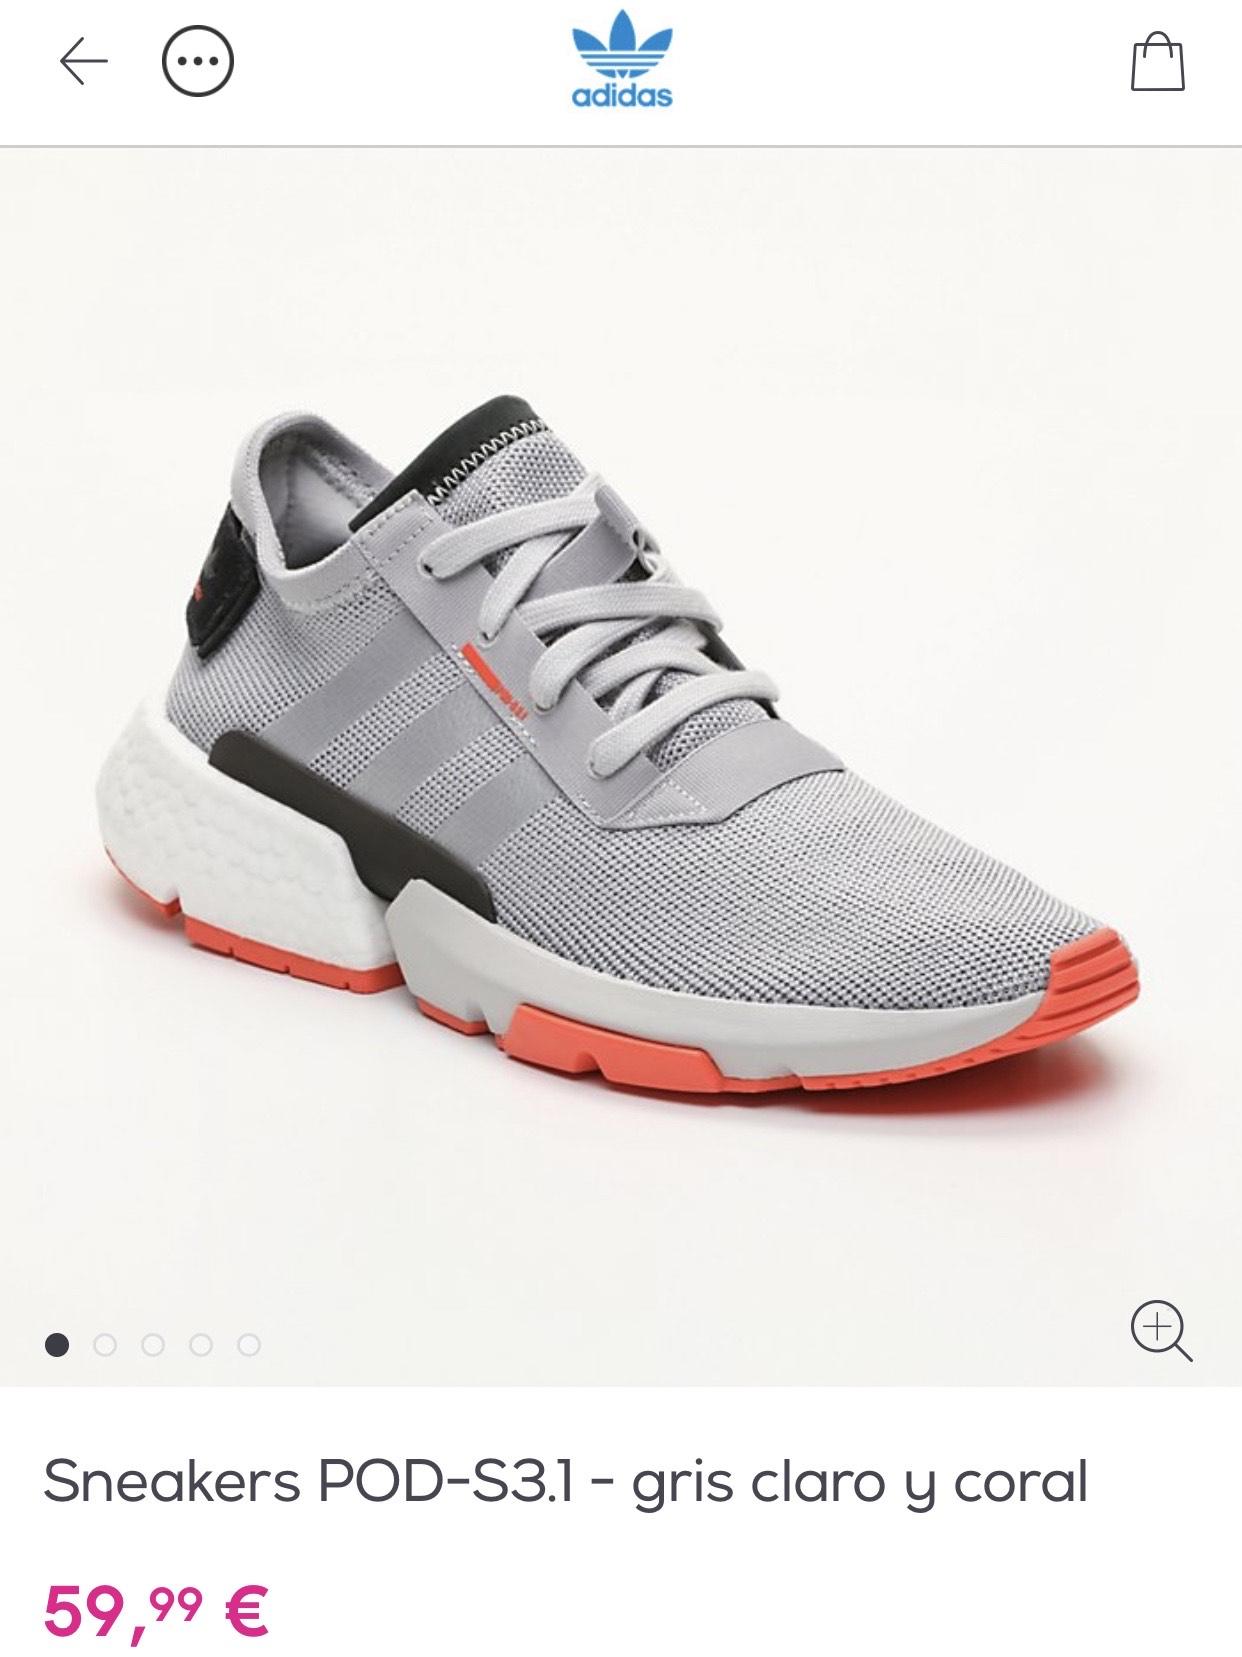 Sneakers adidas POD-S3.1 gris claro y coral